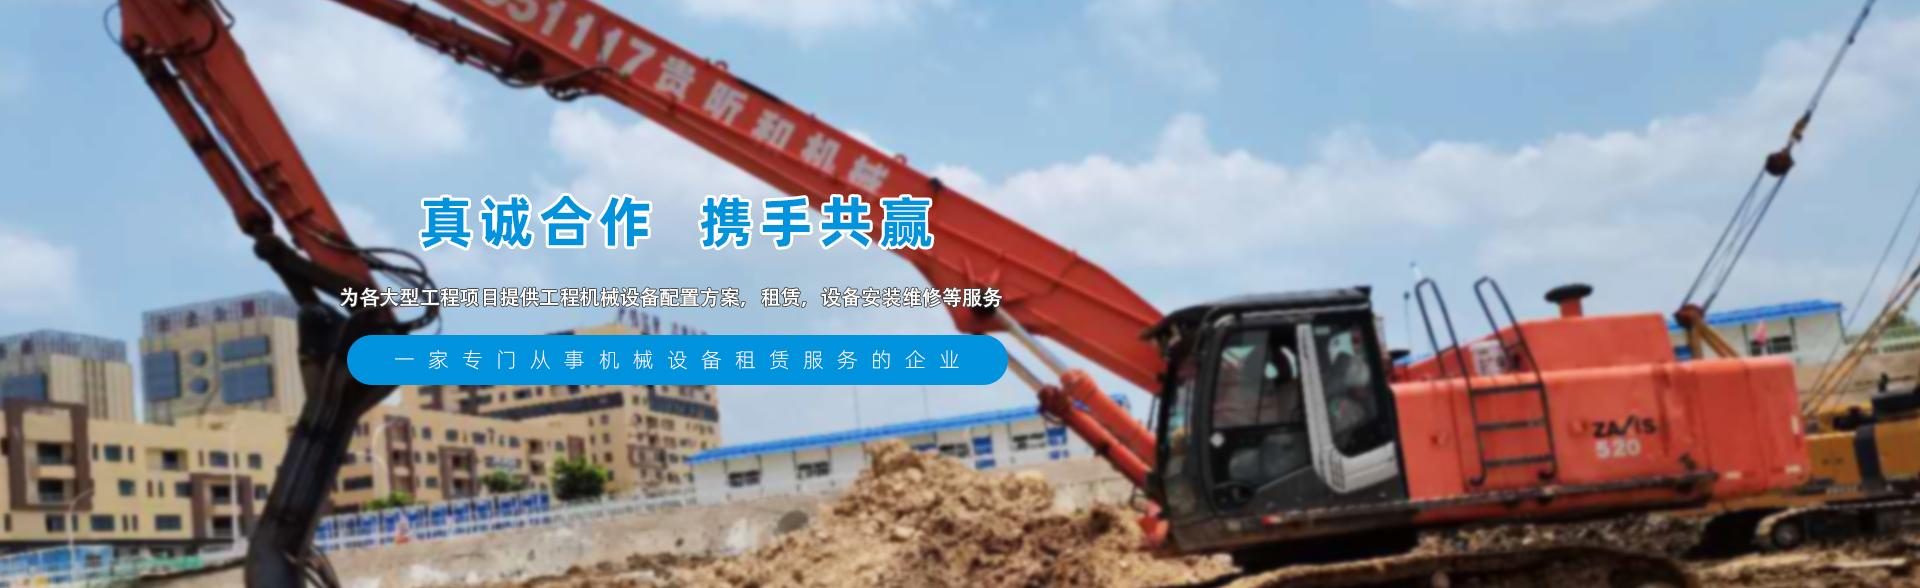 http://www.gxhjx.cn/data/upload/202011/20201120111830_464.jpg